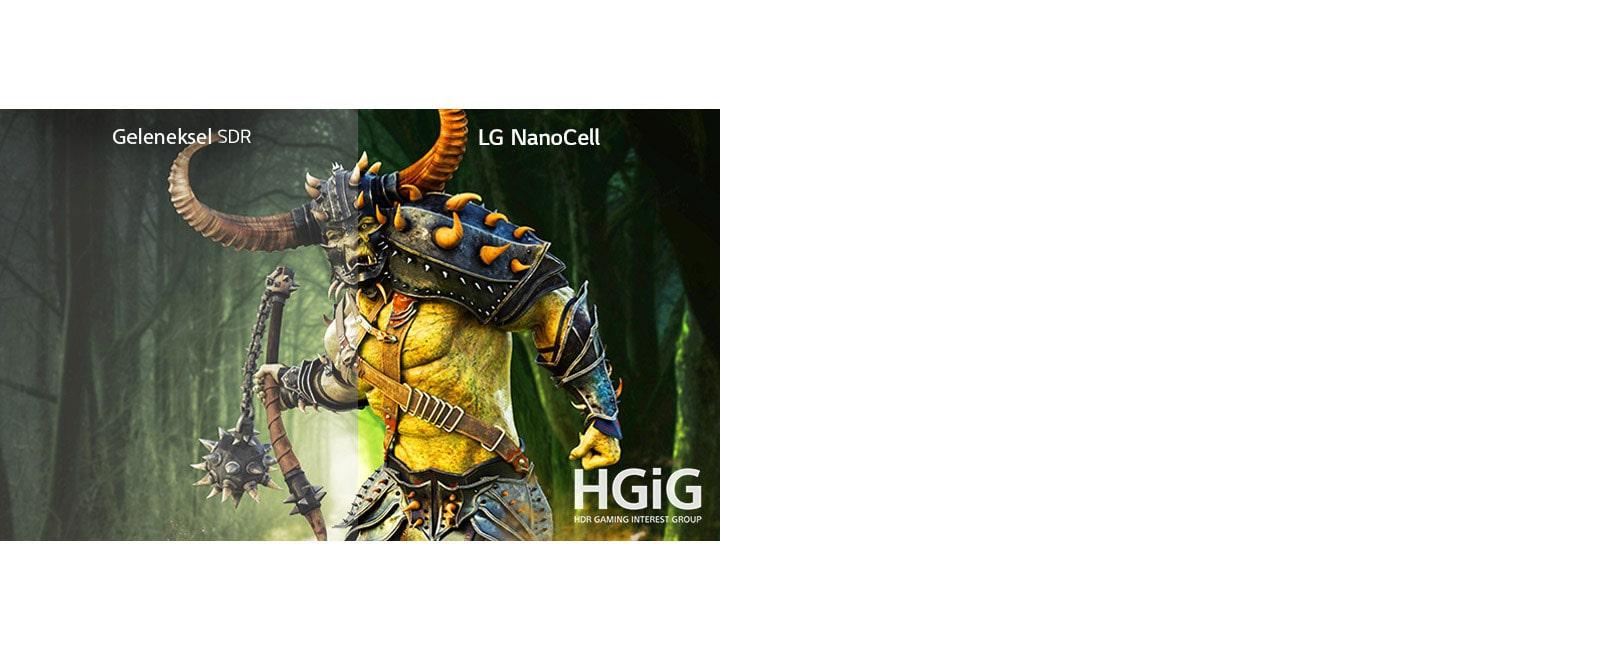 Bir yarısı geleneksel bir televizyonda, diğer yarısı HDR özellikli LG NanoCell TV'de gösterilen canavarlı oyun sahnesi